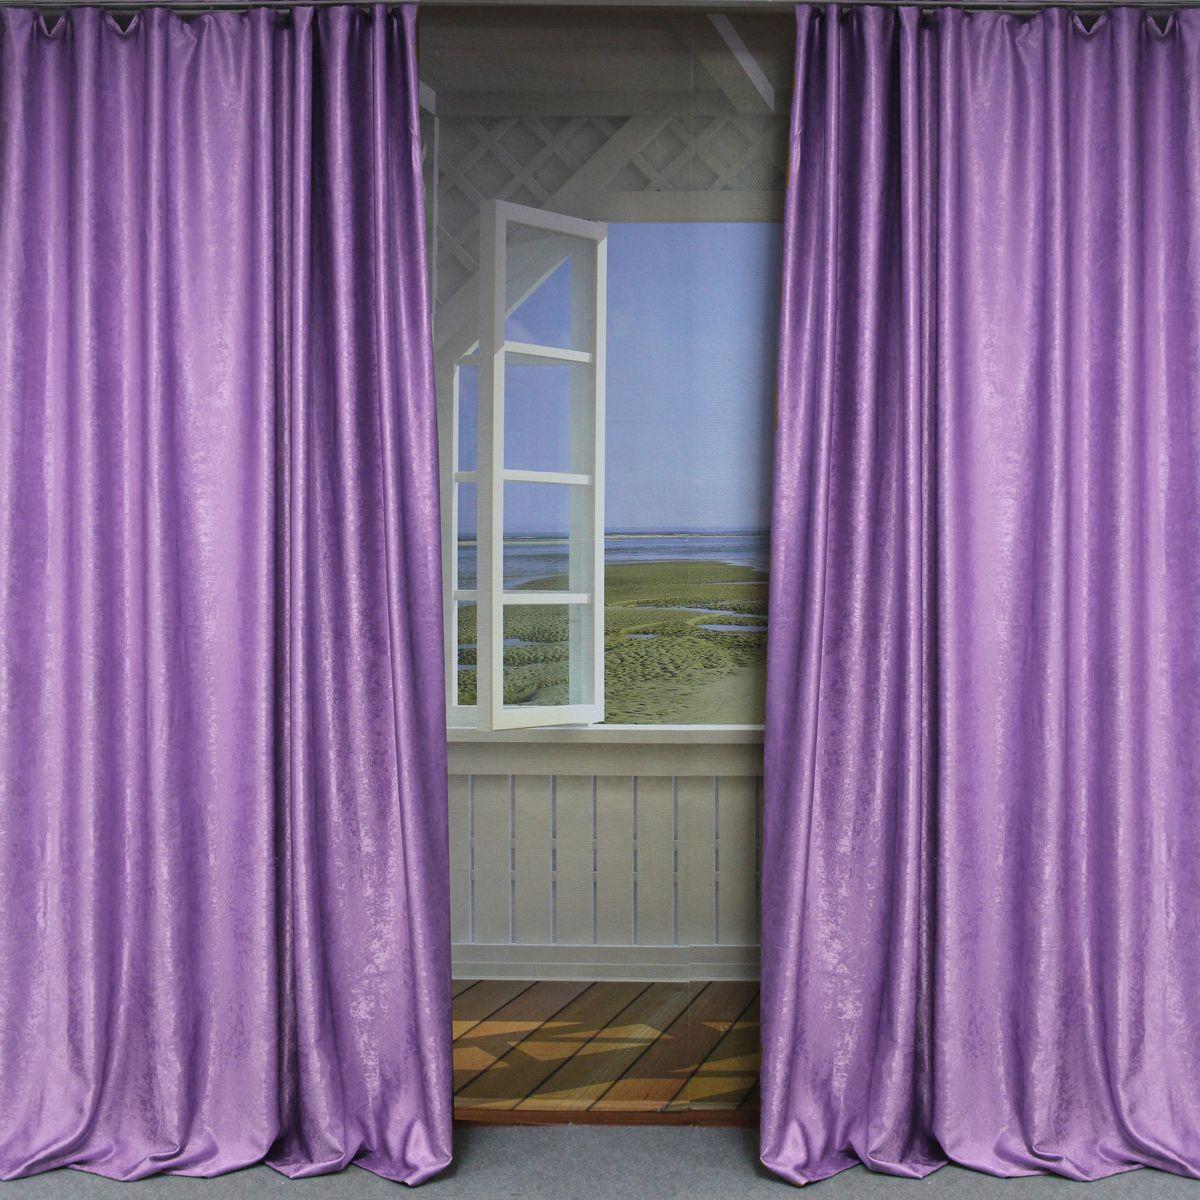 Комплект штор Amore Mio, цвет: сиреневый, высота 270 см, 2 шт. RR 8156-602974453